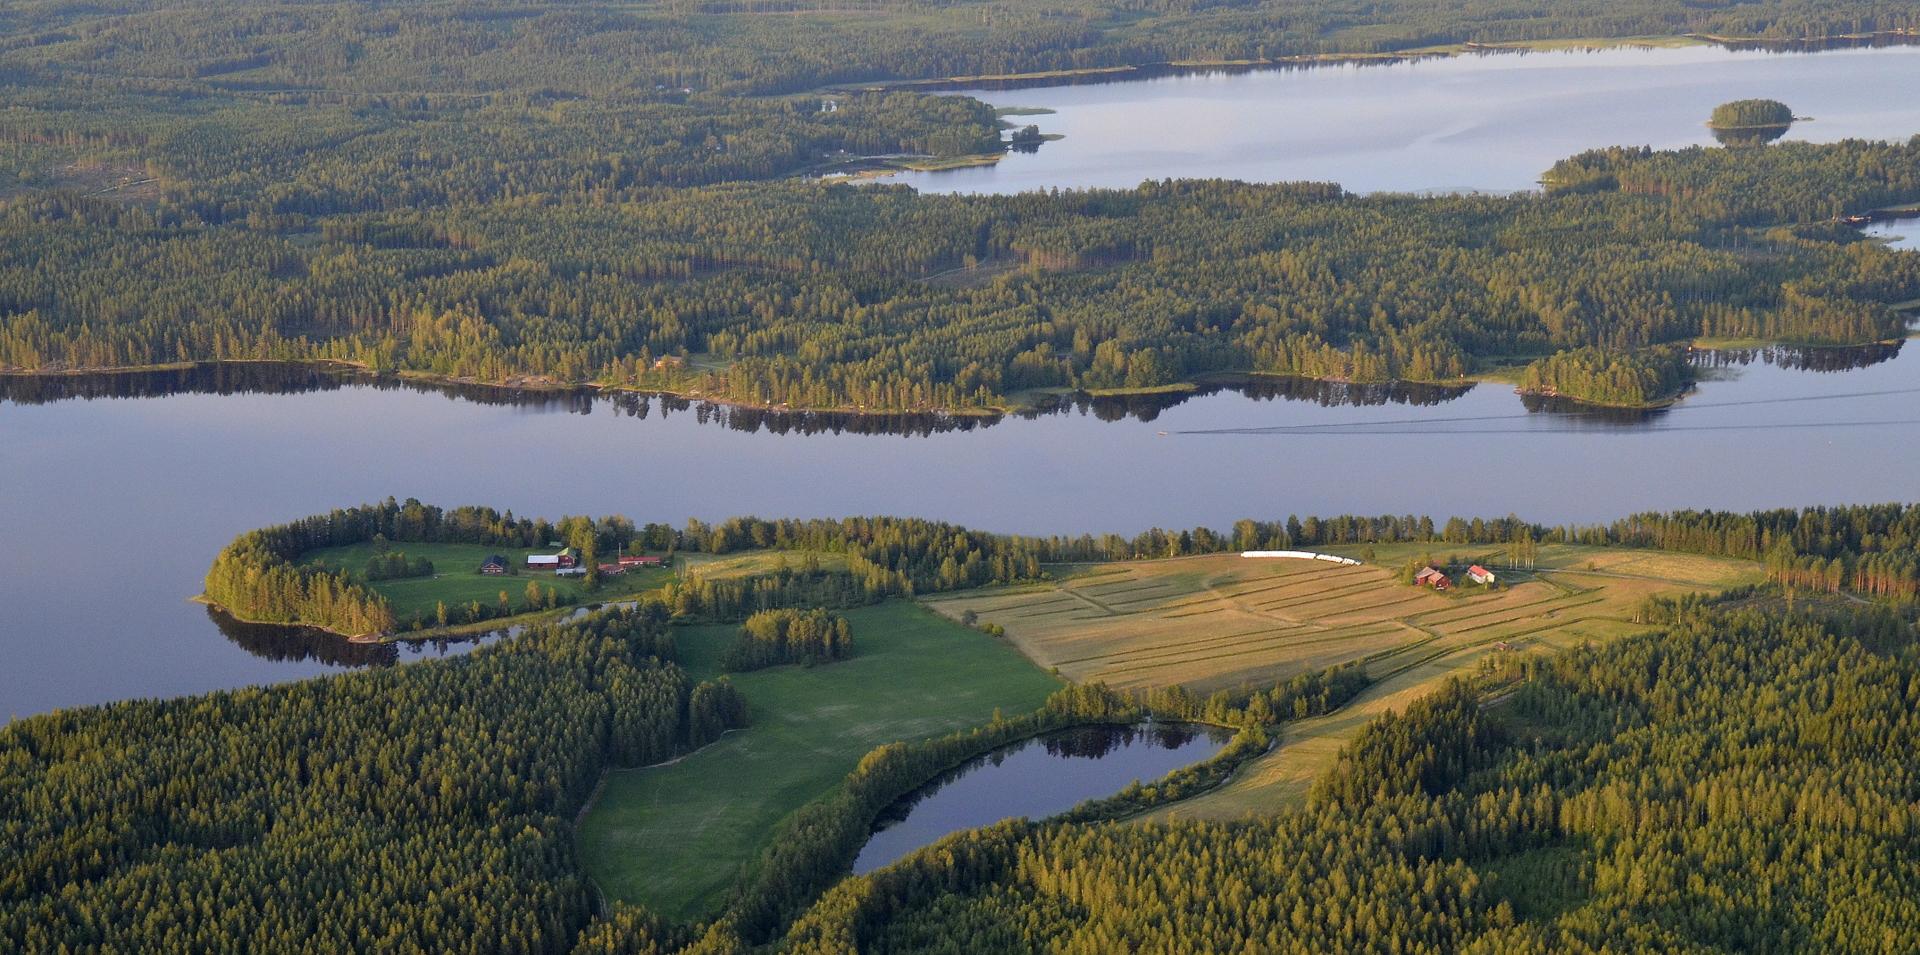 Saikaa ja Vermatsaari salmen takana, joka niemeltä näyttää.